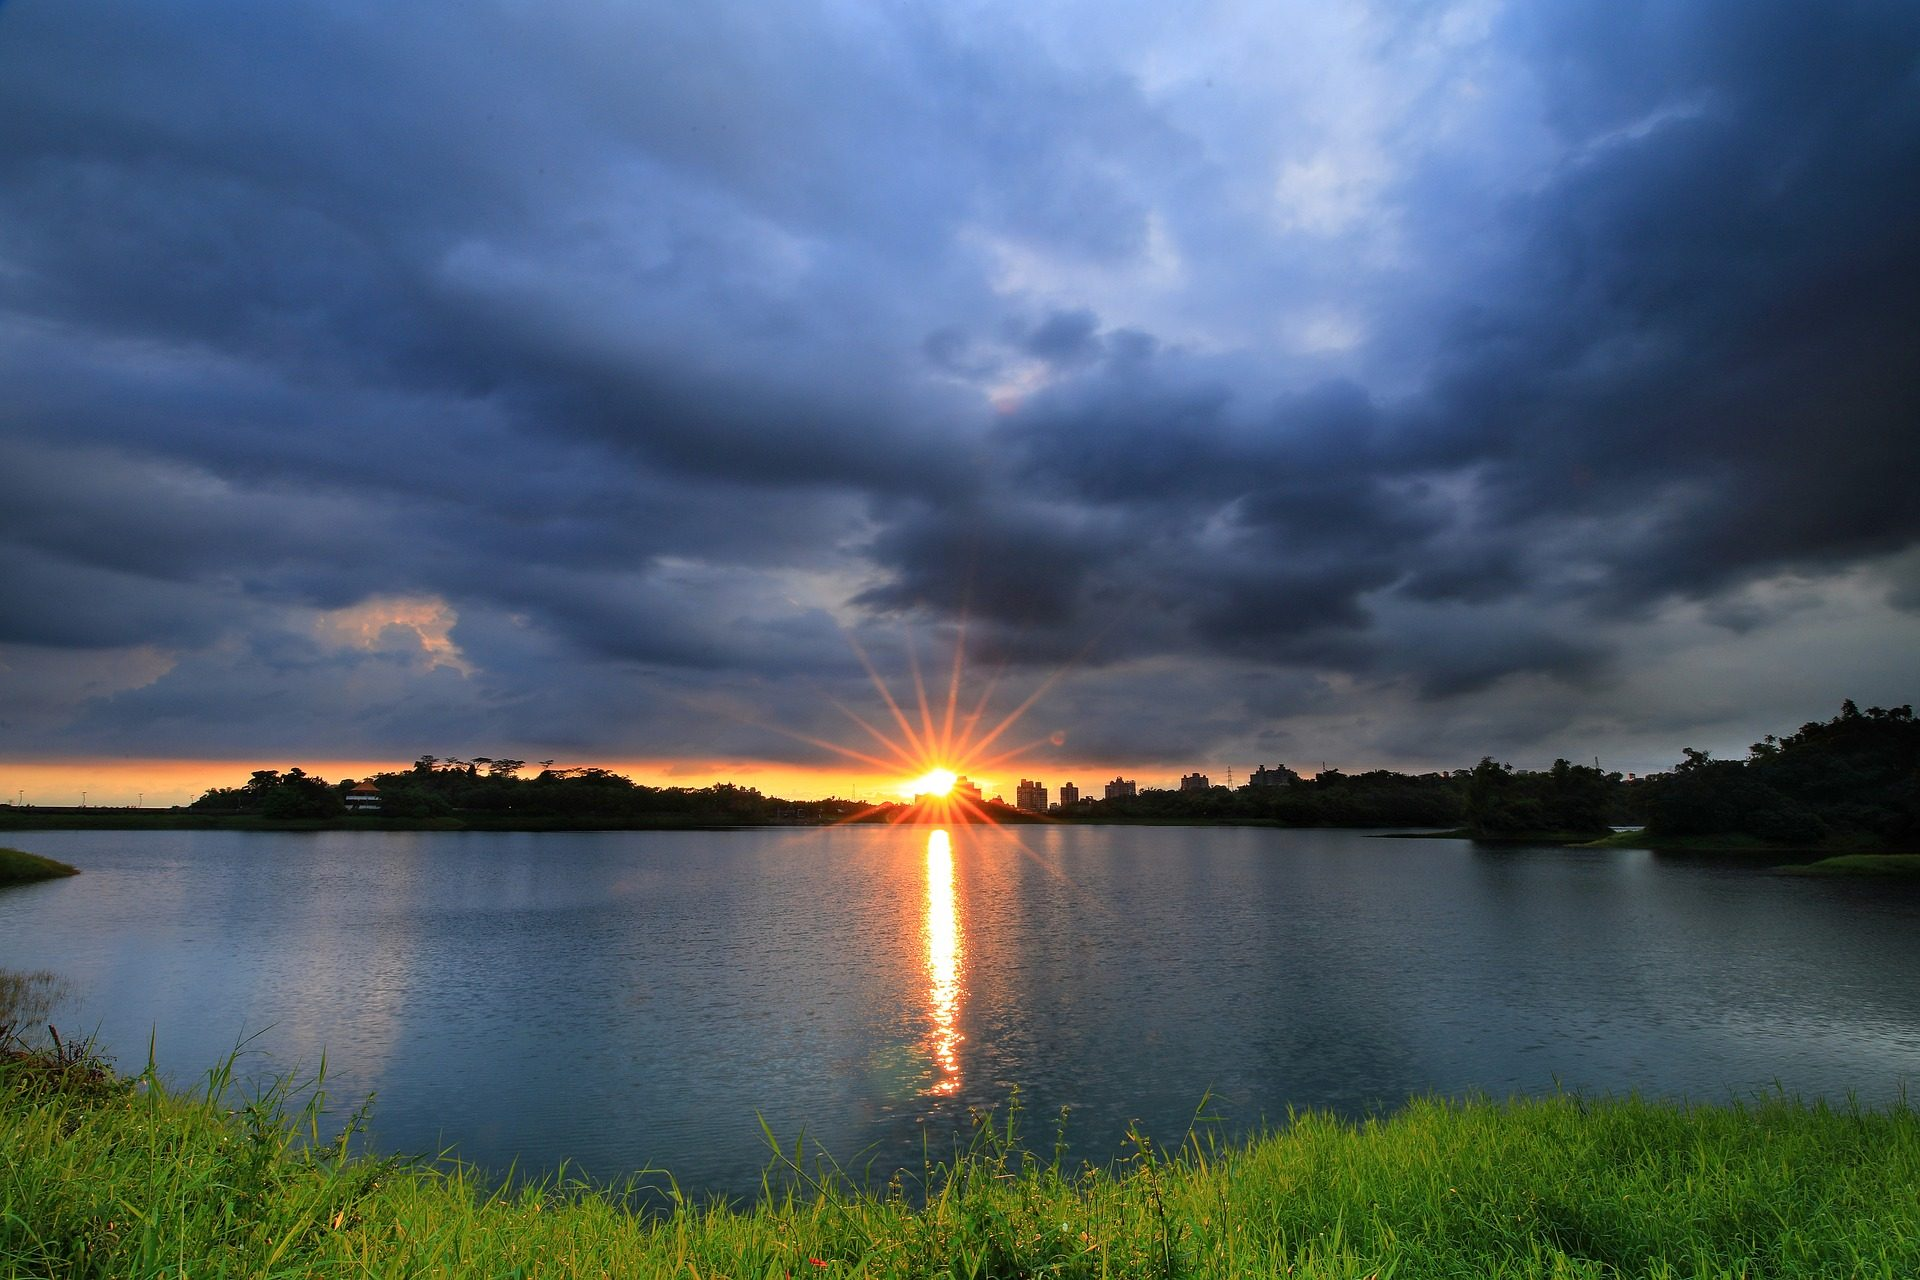 拉古纳, 湖, 太阳, 亮度, 晕, 多云, 日落 - 高清壁纸 - 教授-falken.com